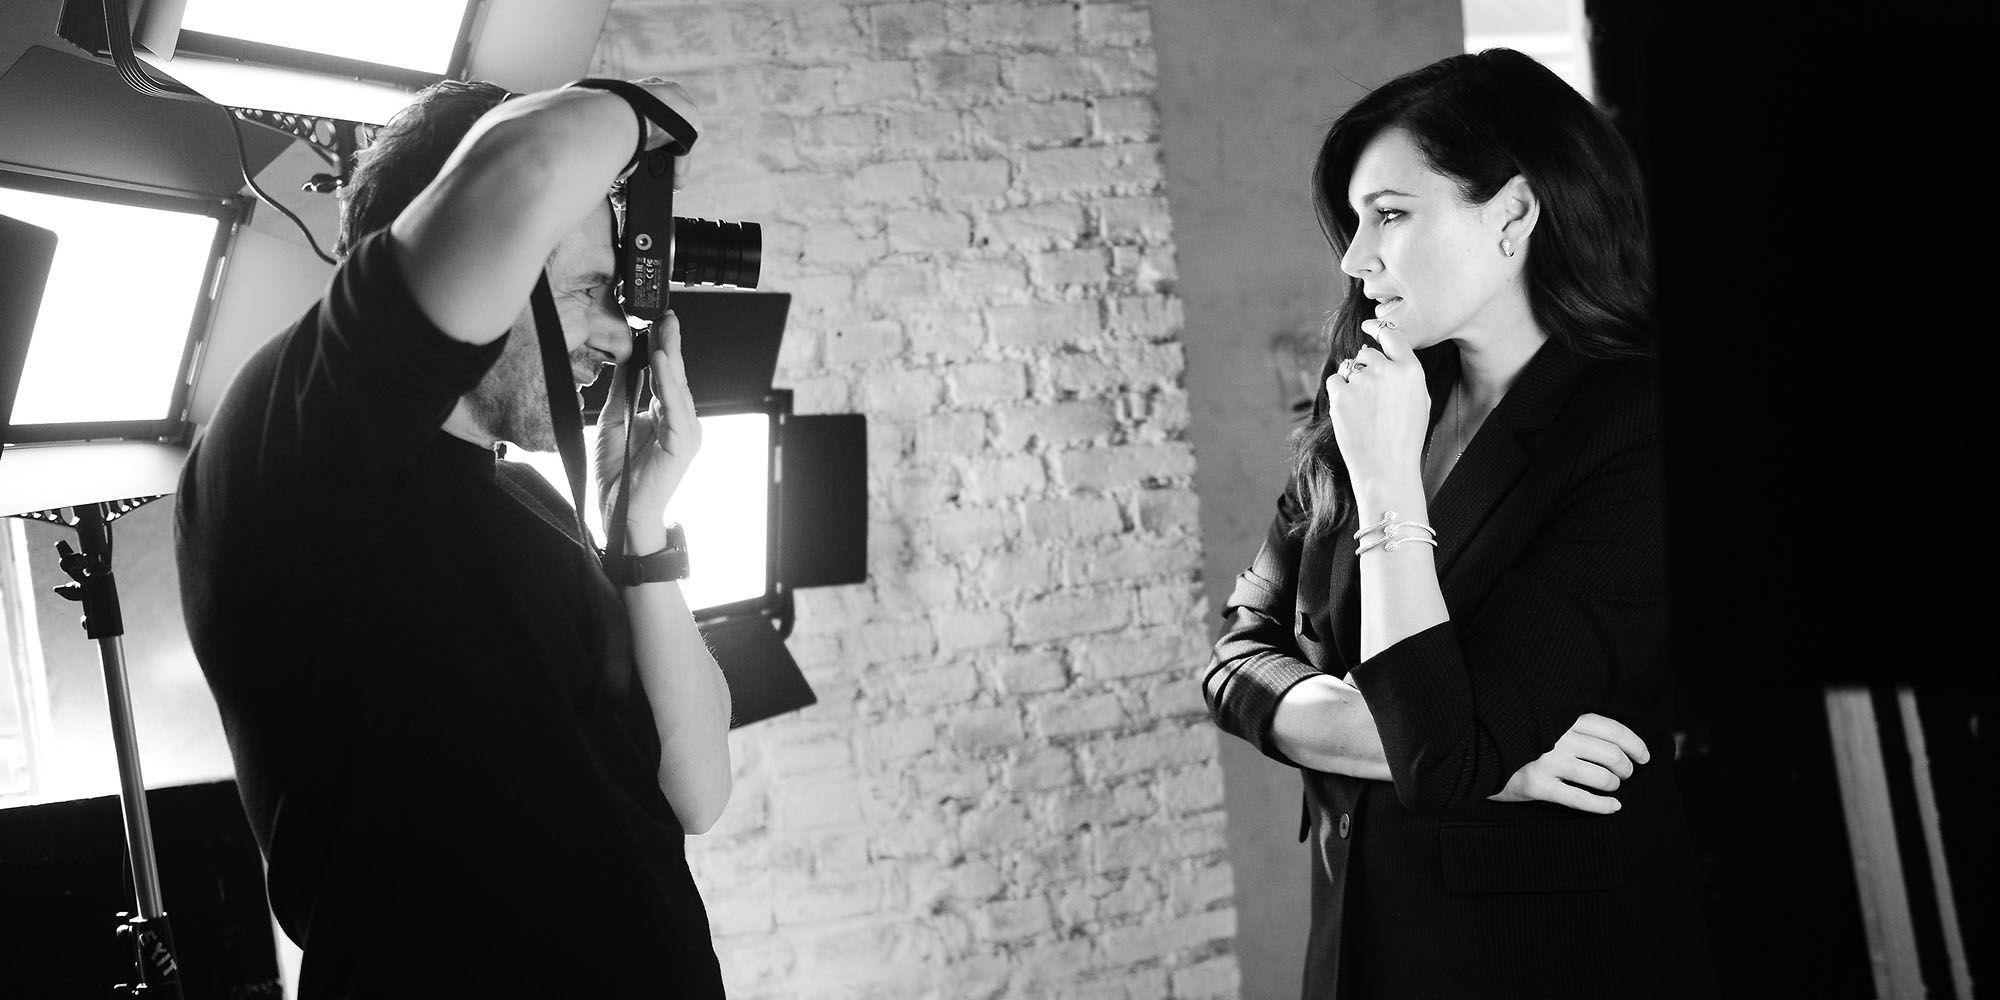 buon servizio bellissimo stile attraente e resistente Alena Seredova news: la star ci racconta la sua collezione ...